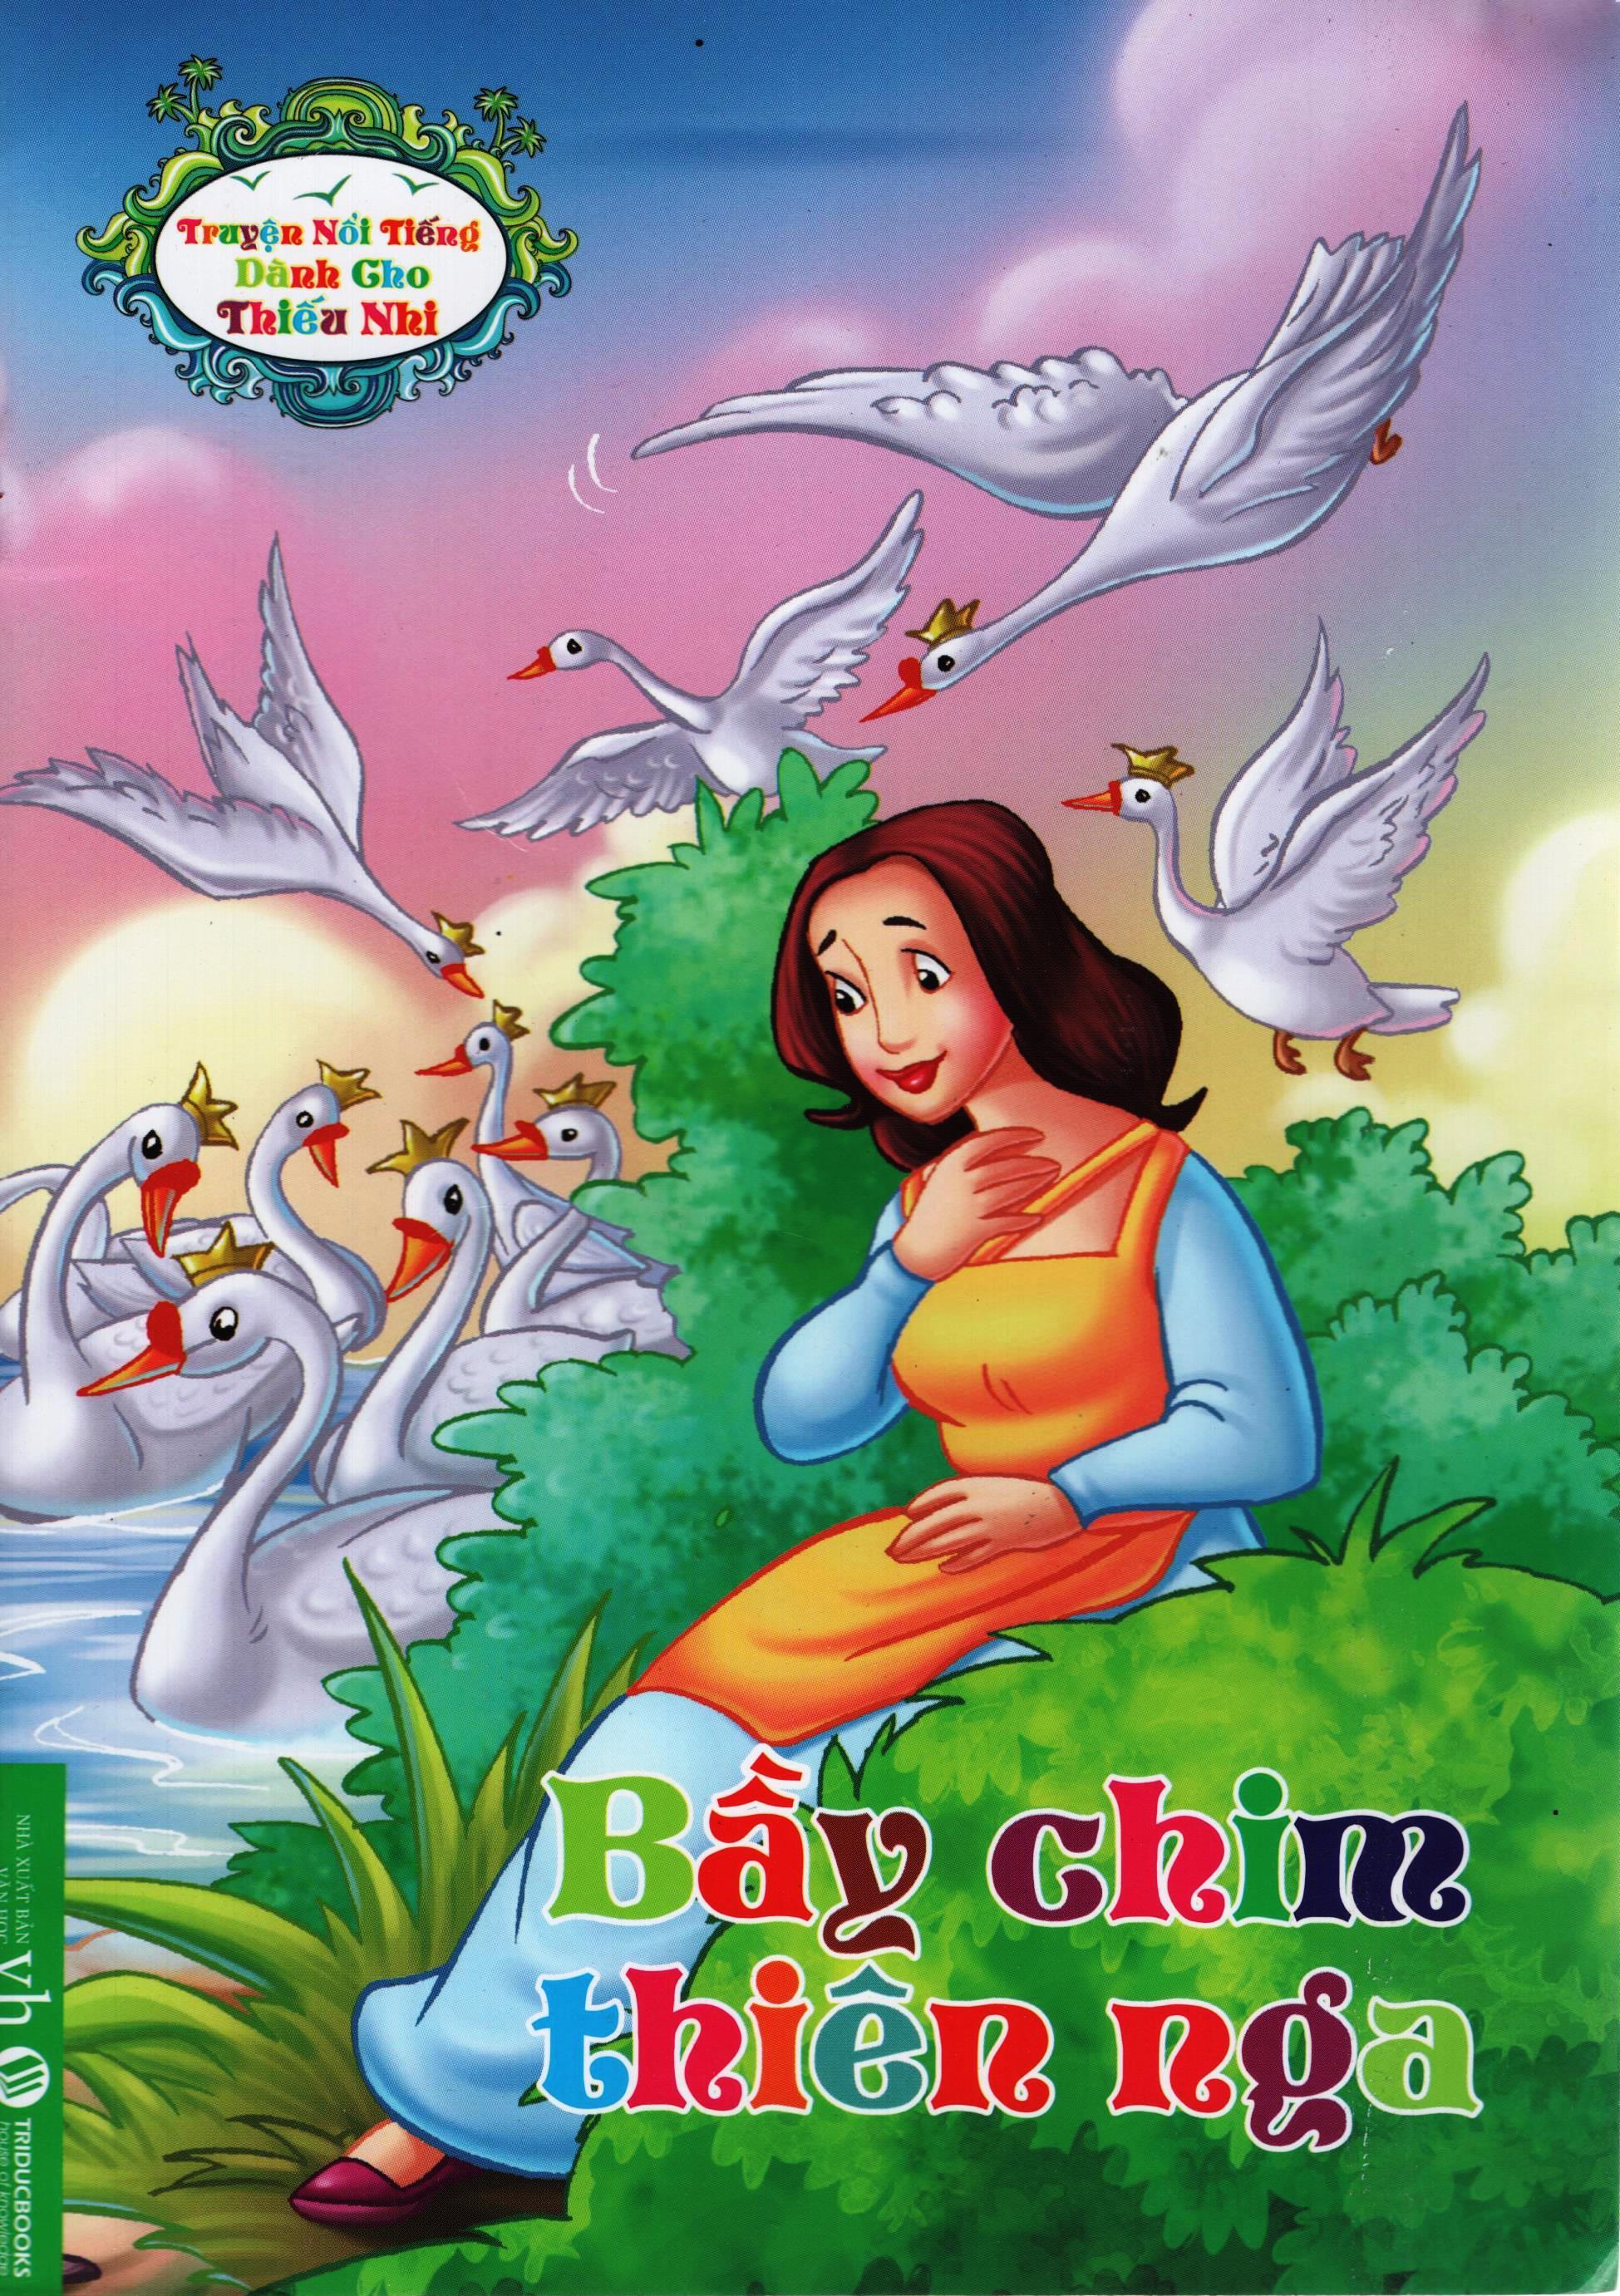 Bìa sách Truyện Nổi Tiếng Dành Cho Thiếu Nhi – Bầy Chim Thiên Nga